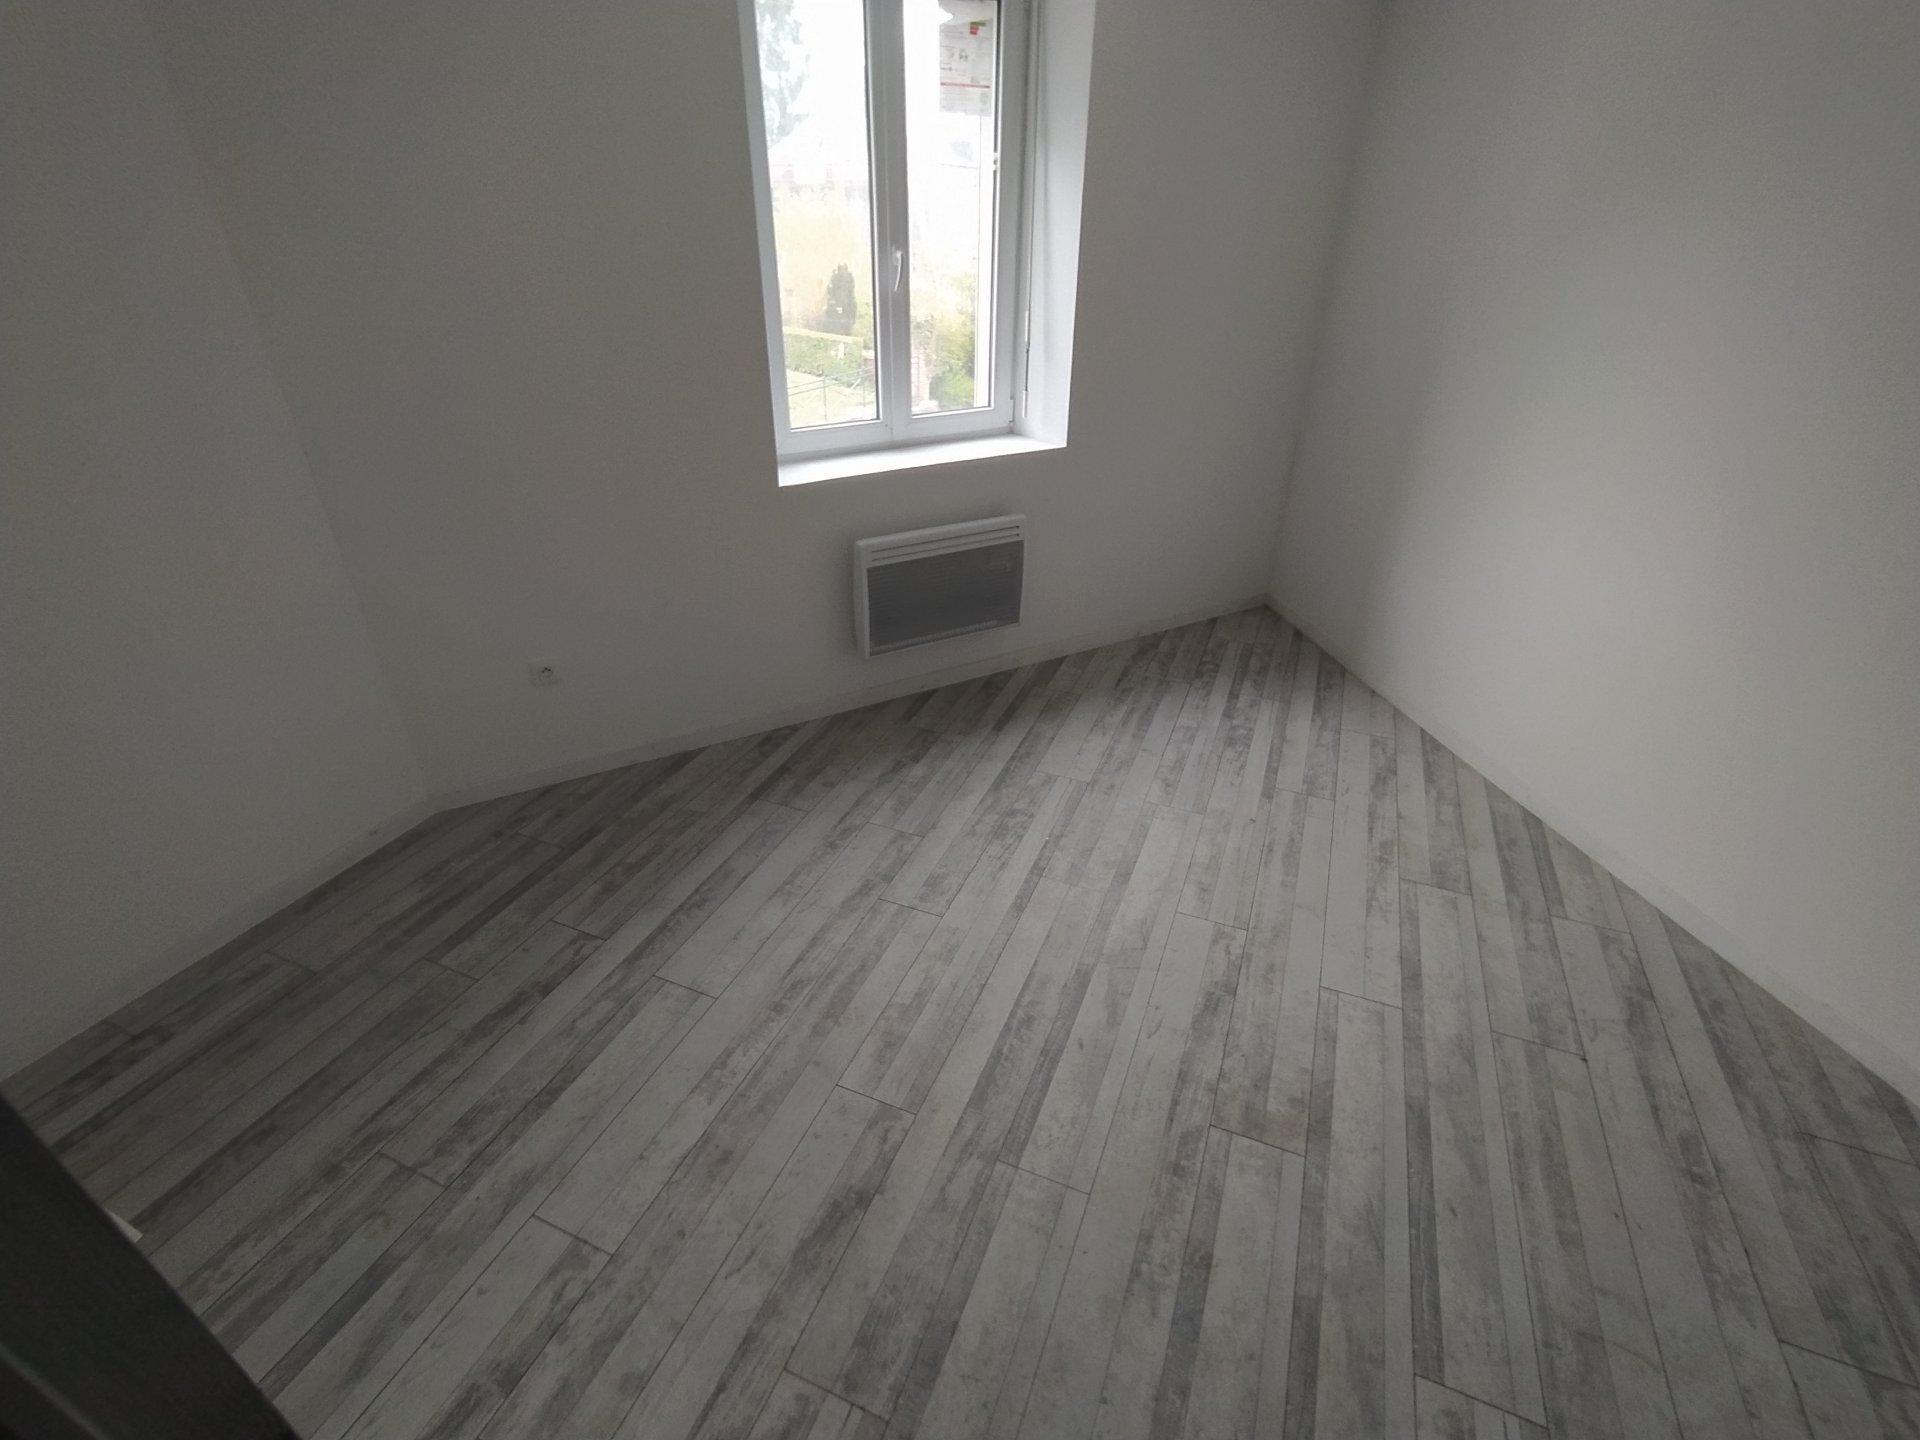 Location Appartement - Sains-du-Nord